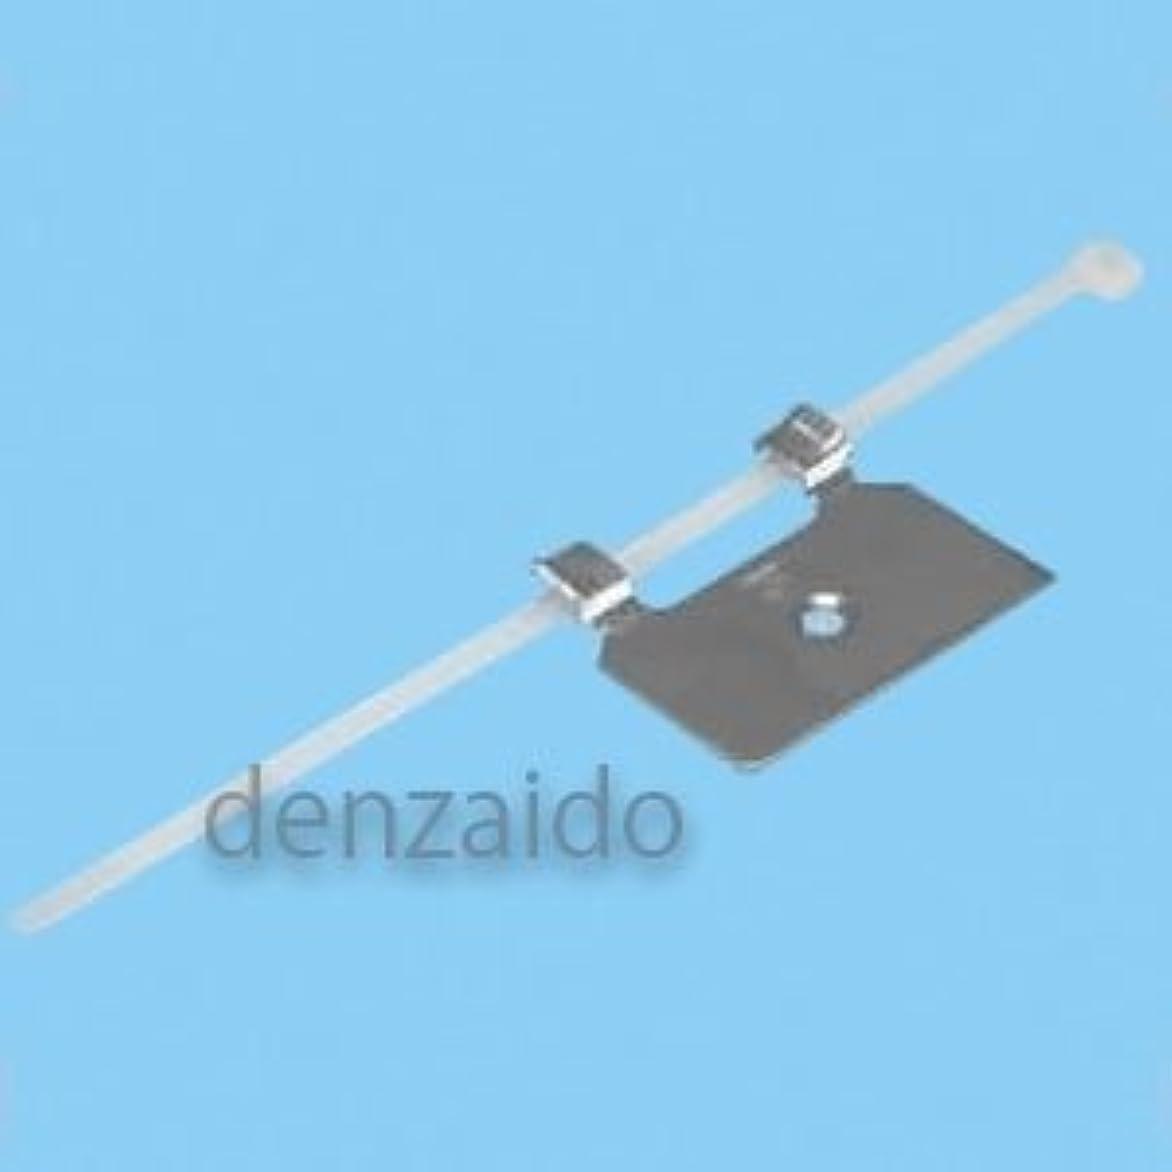 ポーチ安らぎ持ってる外山電気 ワイヤクランプ C型 10本入り 《メタルモール付属品》 M530